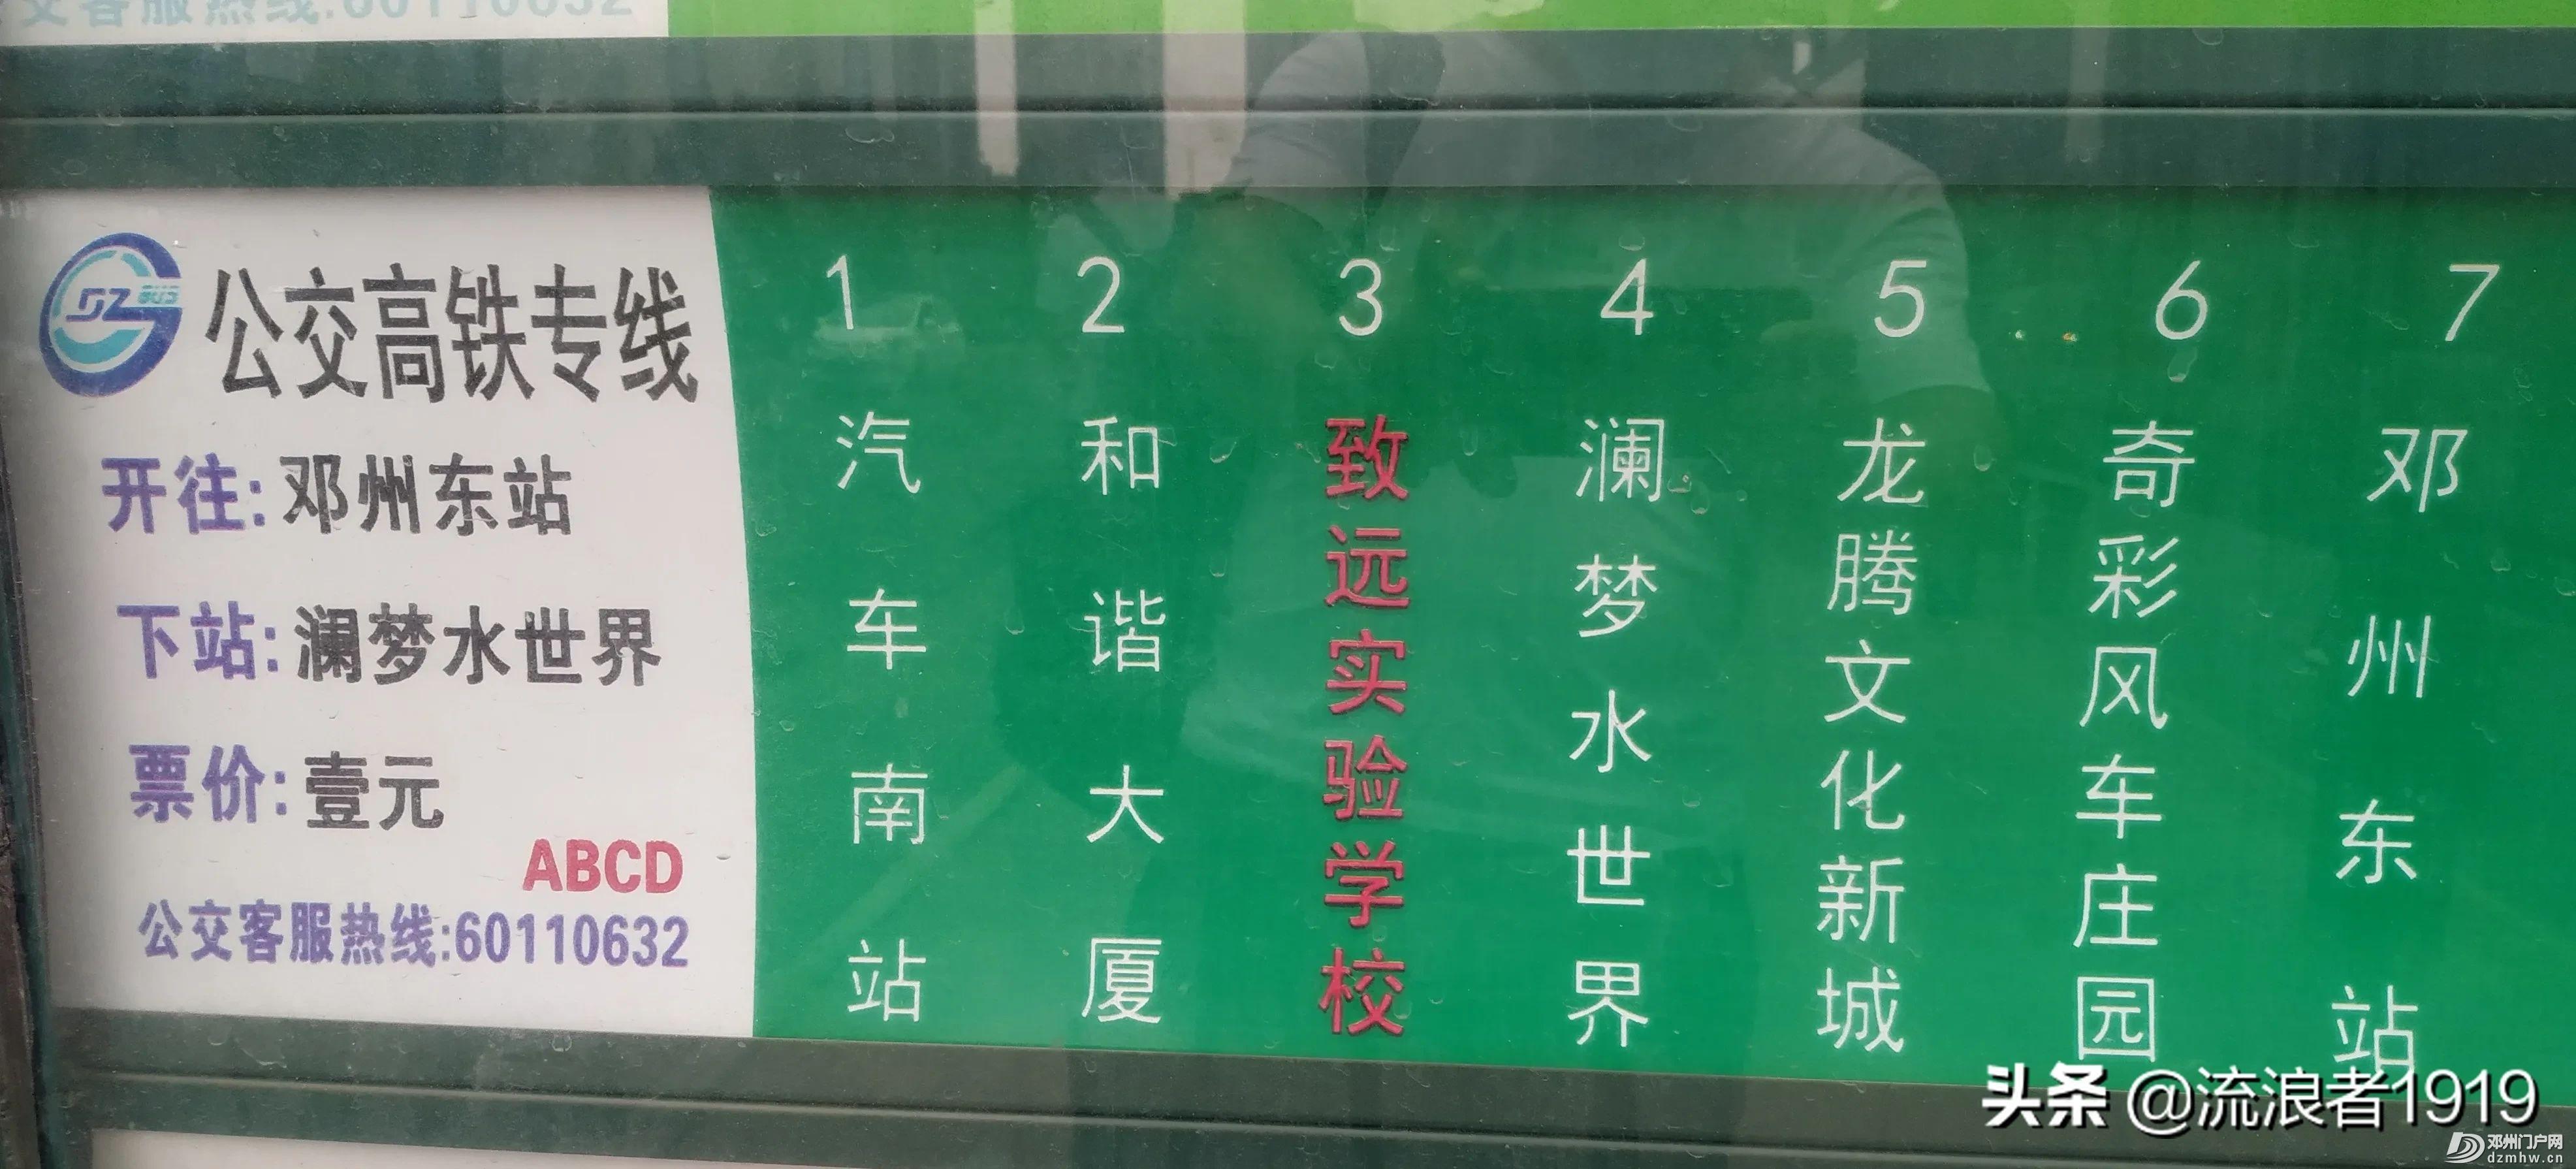 半小时一趟!邓州东站公交专线最新时刻表公布,带你一元玩转邓州! - 邓州门户网|邓州网 - 132b032e45a1f85c2d30b62a1b7950fc.jpg